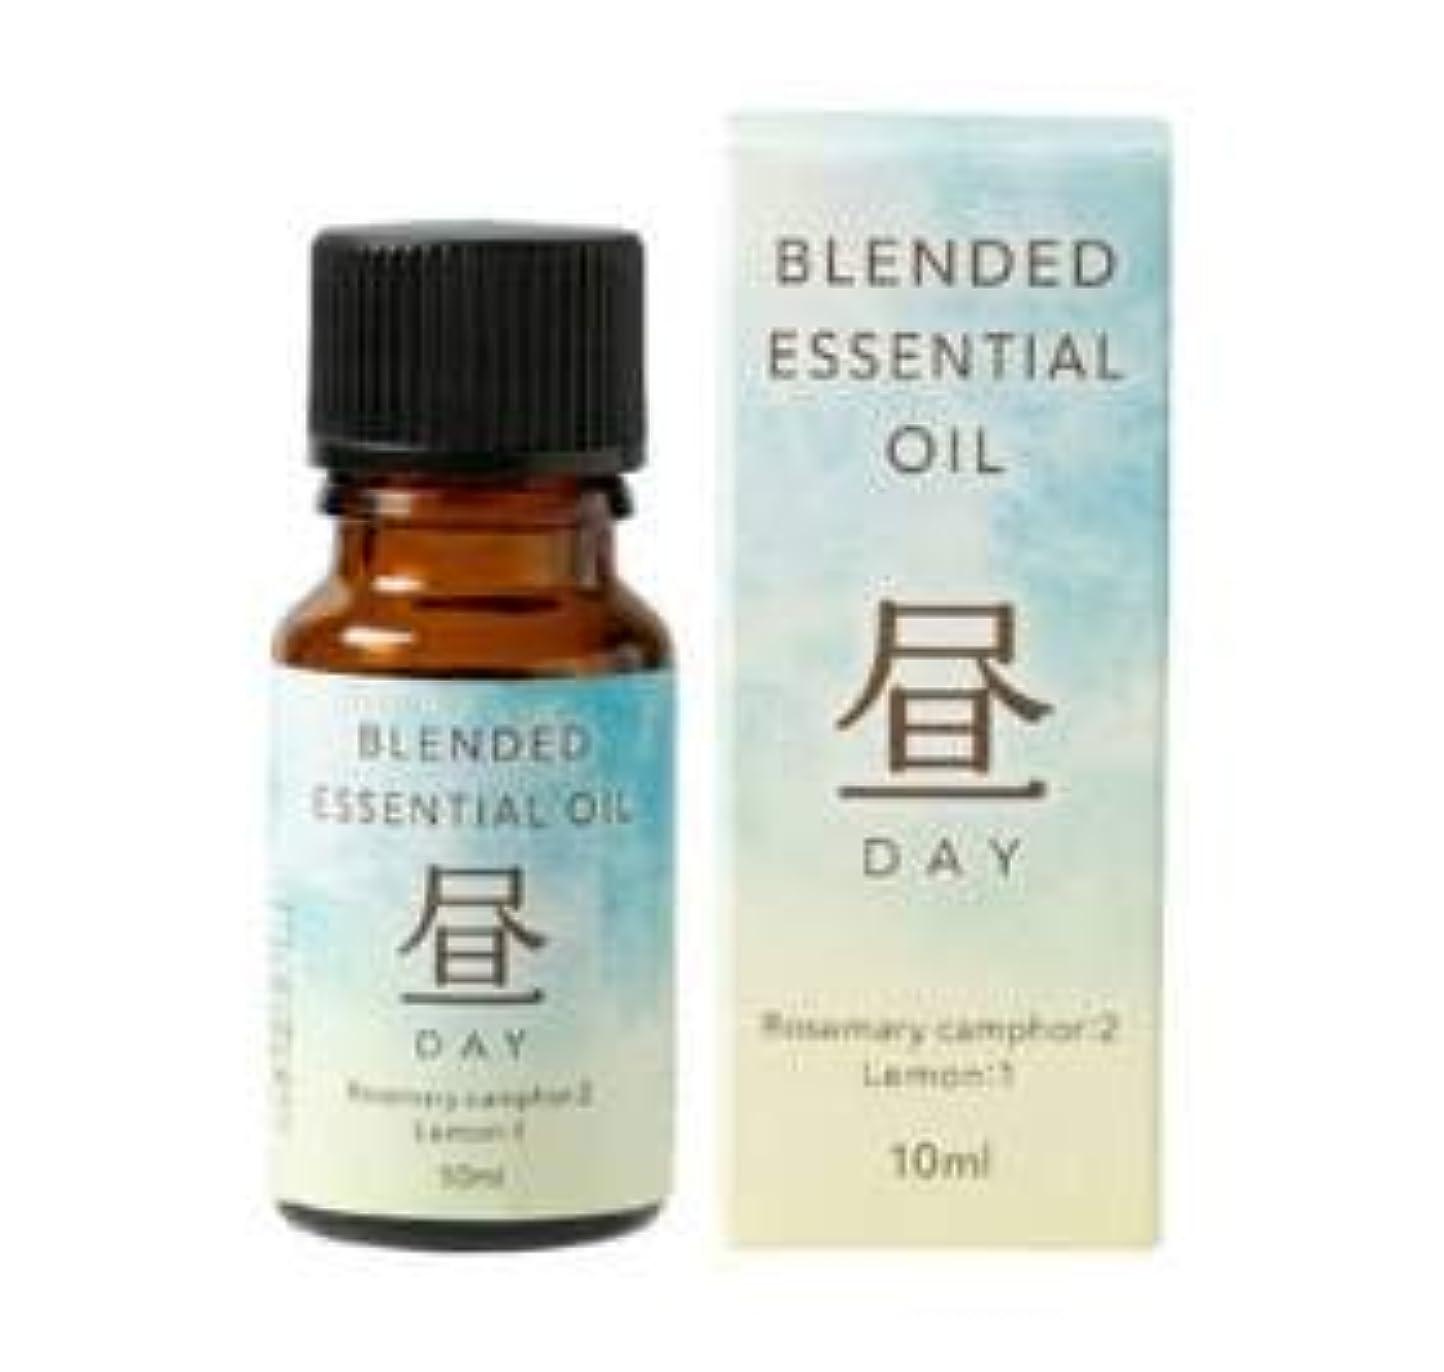 ネーピアシプリー代わりの生活の木 ブレンド精油 昼-DAY-(10ml)